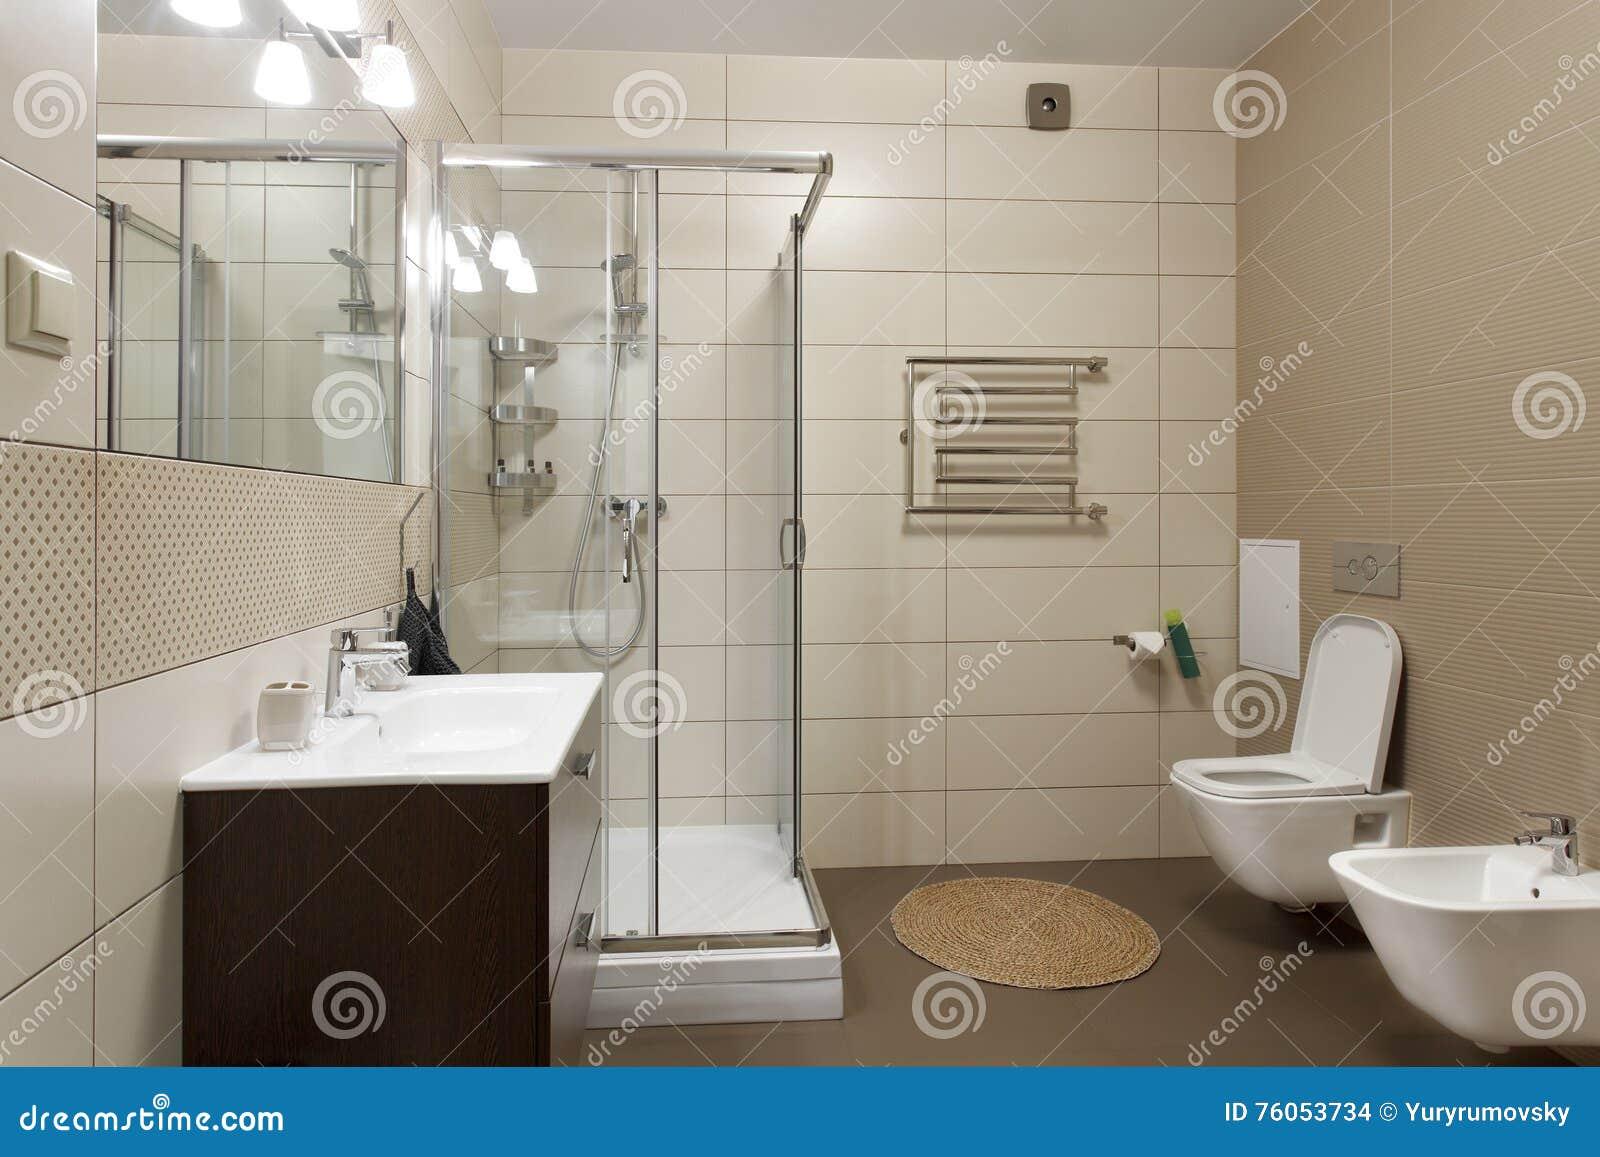 Großes Badezimmer In Den Braunen Tönen Stockfoto - Bild von weiß ...